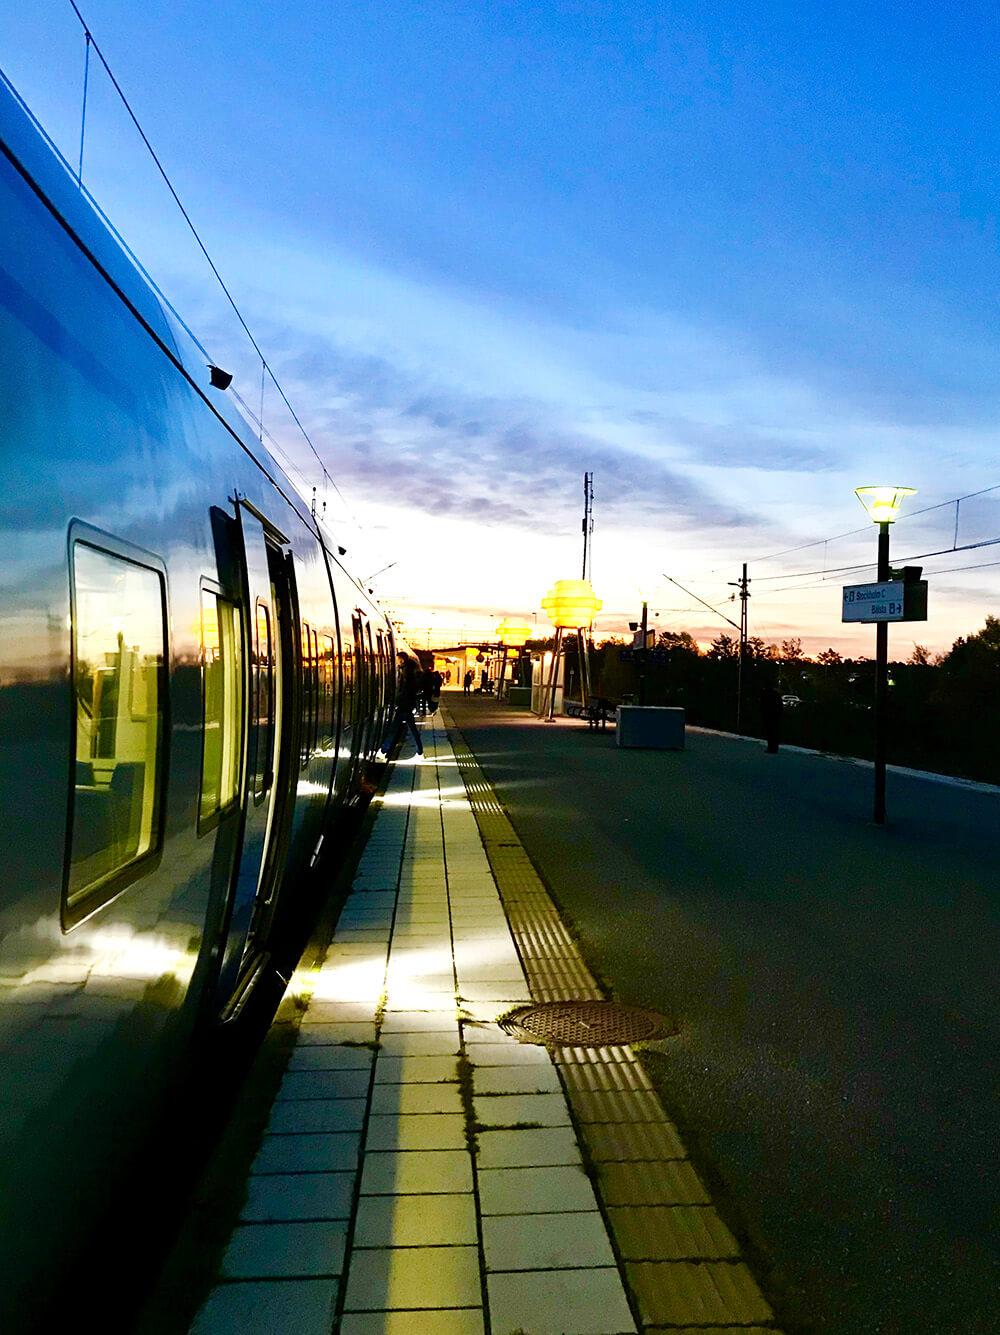 morgon på stationen